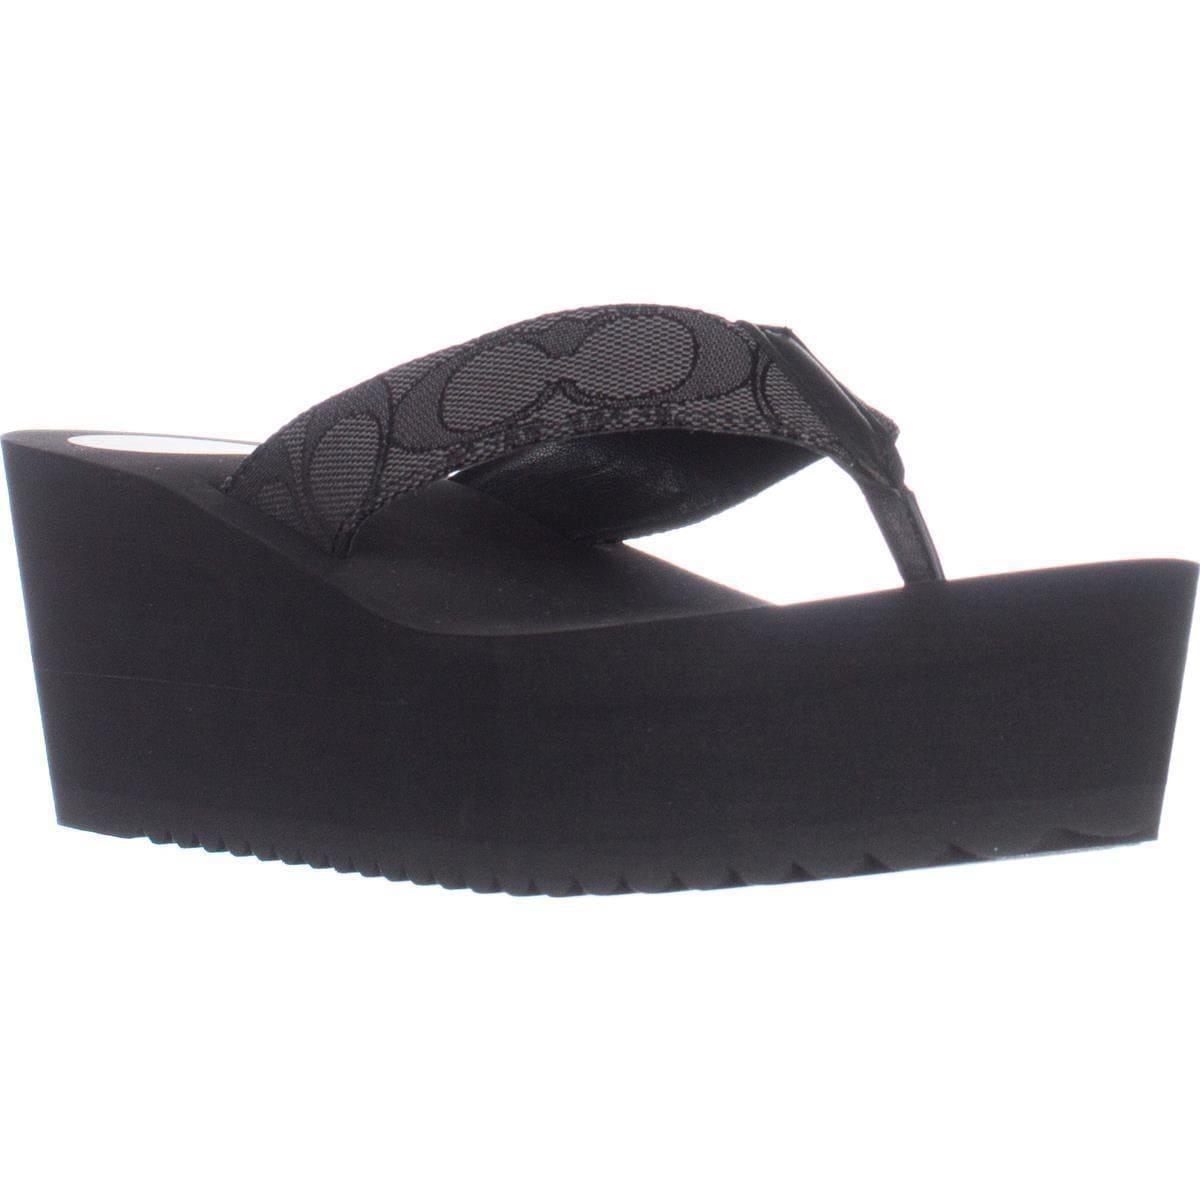 Wedge Flip Flop Sandals, Smoke Coal